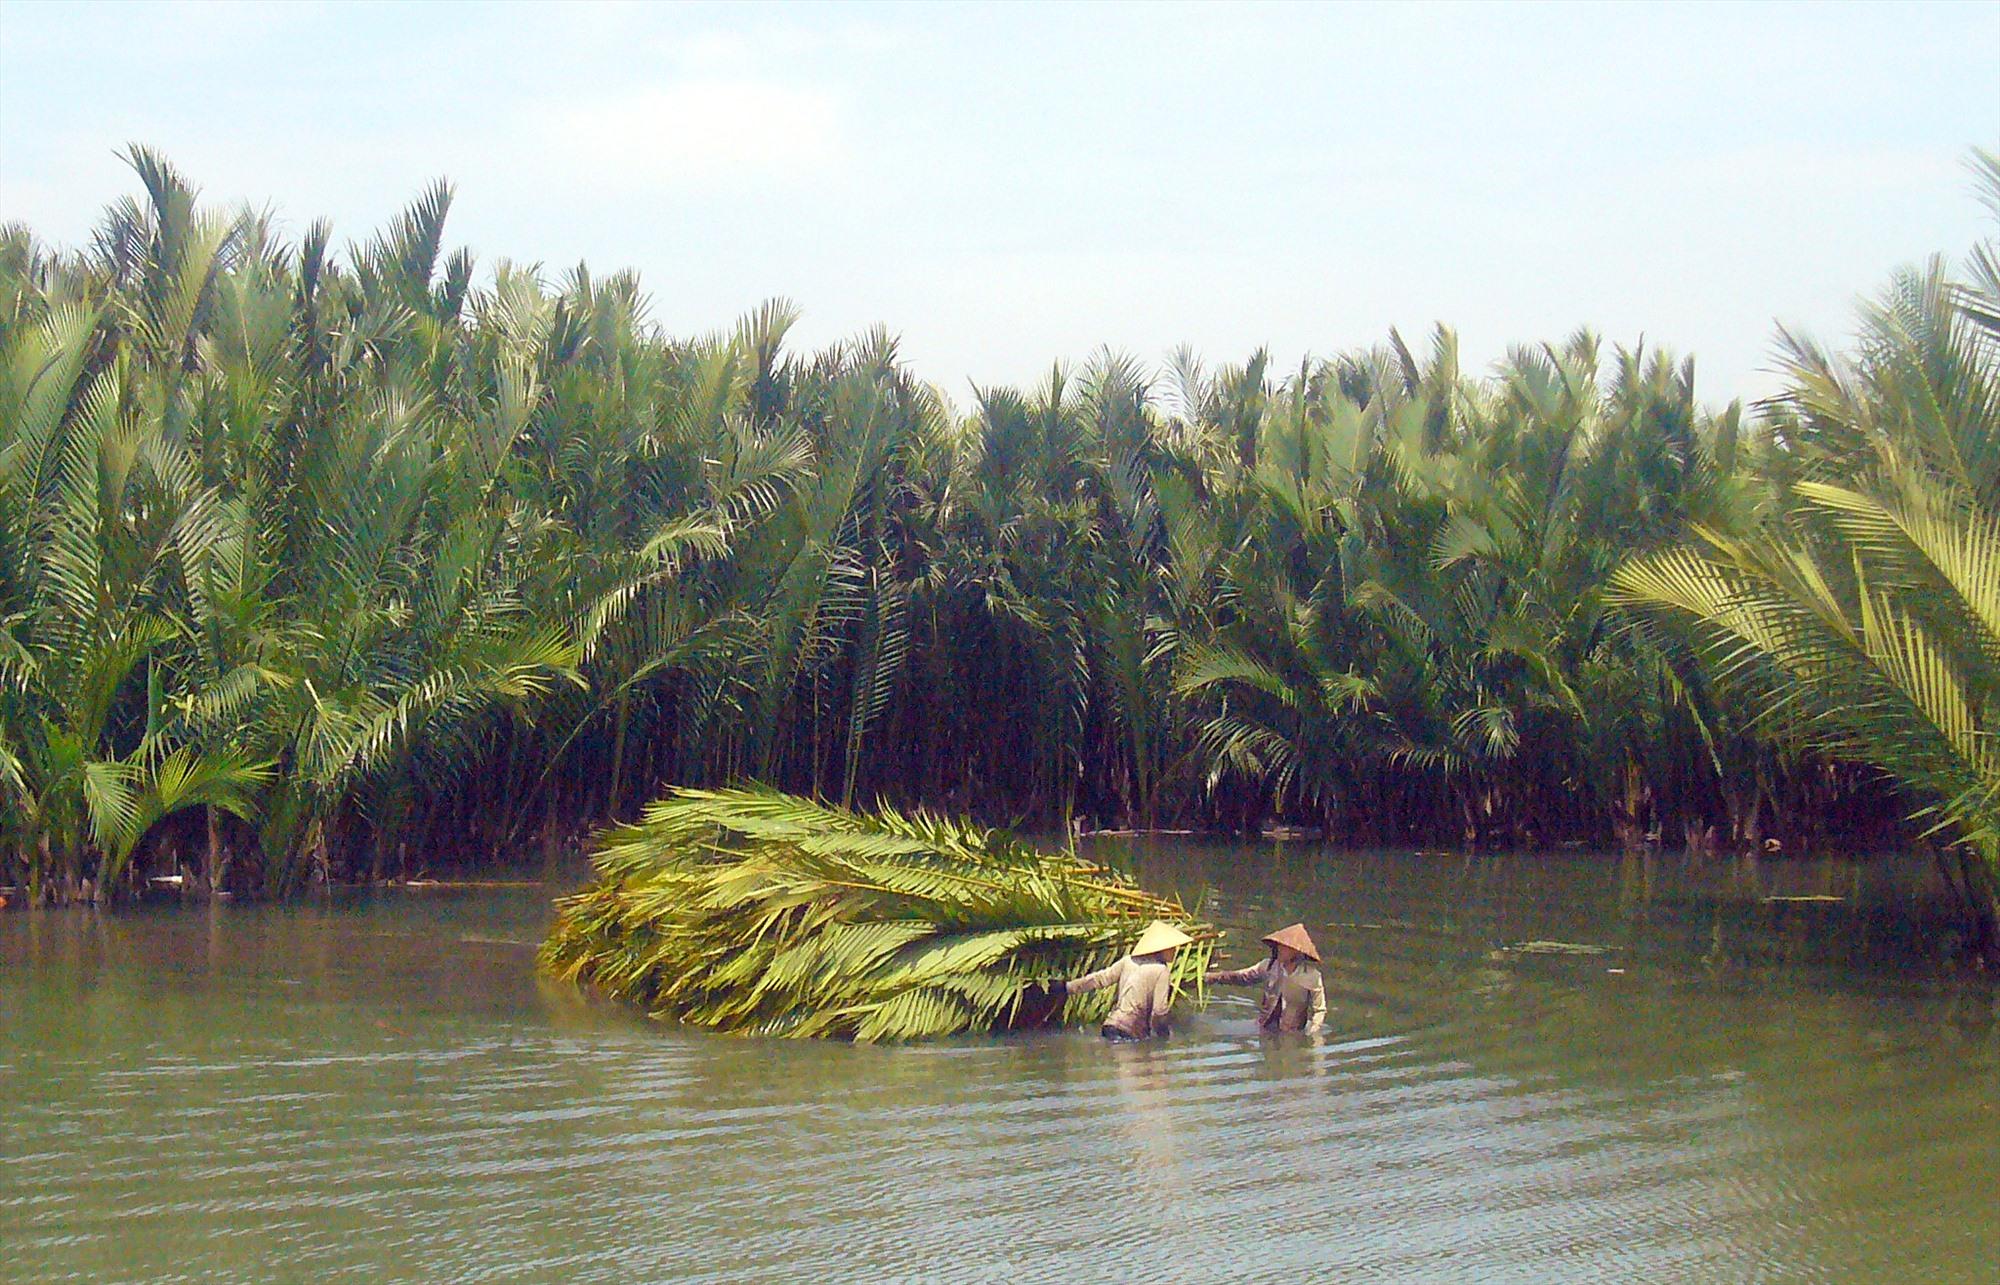 Cộng đồng cư dân xã Cẩm Thanh nêu cao ý thức bảo vệ rừng dừa và giữ vệ sinh môi trường vùng sông nước. Ảnh: ĐỖ HUẤN